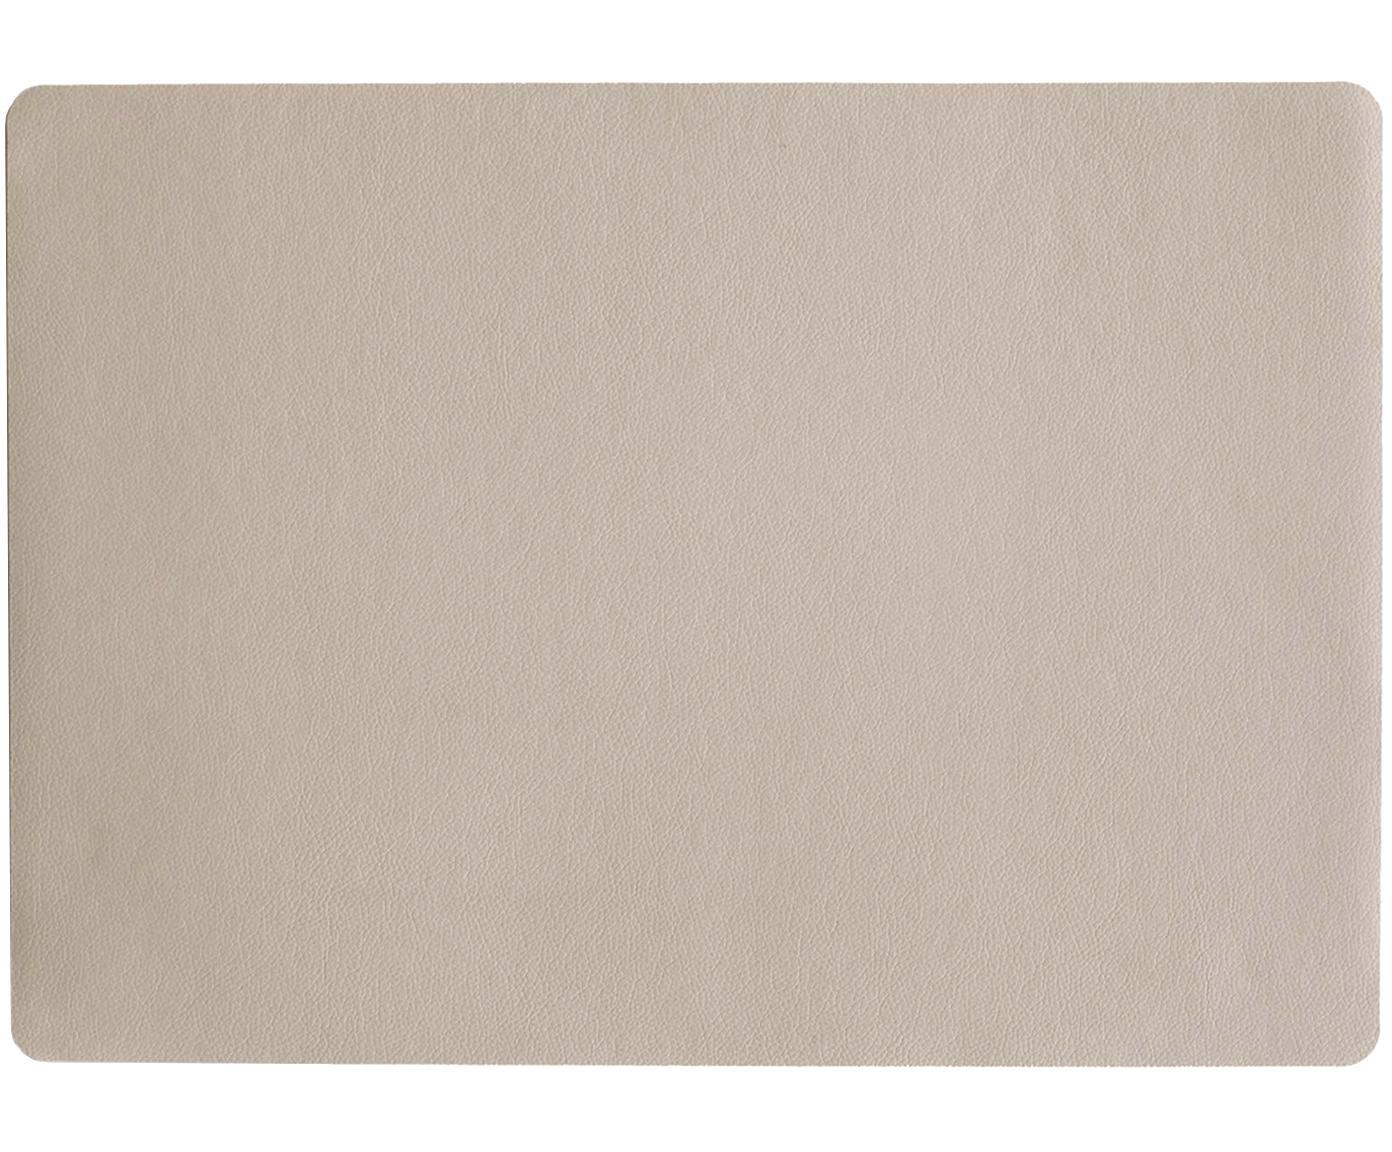 Podkładka ze sztucznej skóry Pik, 2 szt., Tworzywo sztuczne (PVC), Beżowy, S 33 x D 46 cm